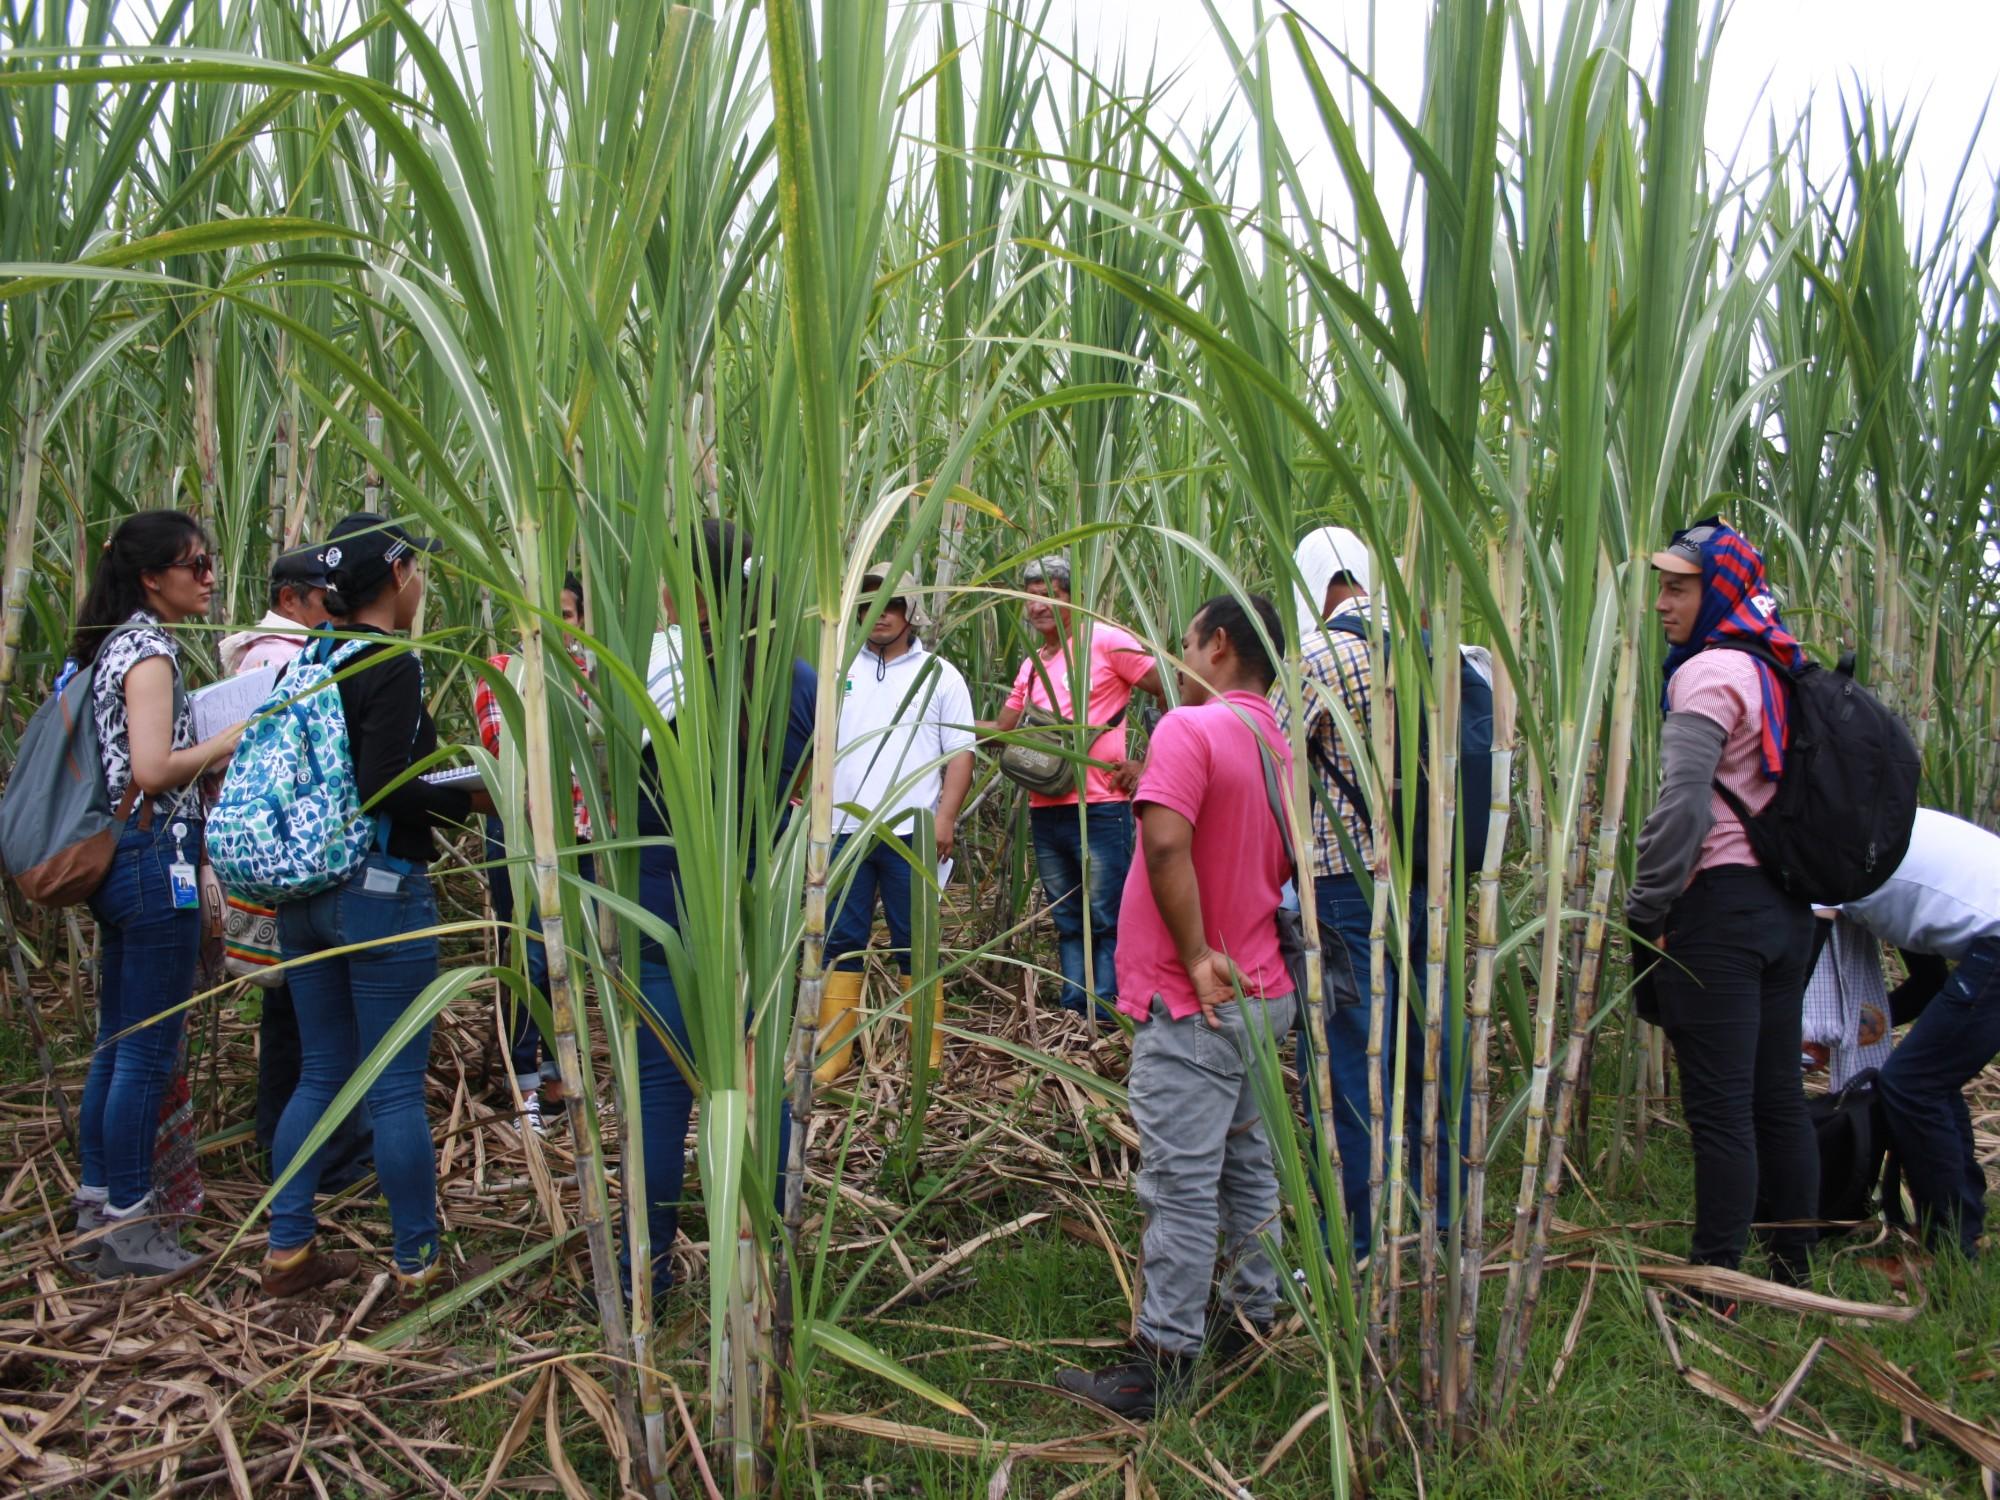 AGROSAVIA evalúa costos socioeconómicos y ambientales de  los modelos productivos de caña en Colombia